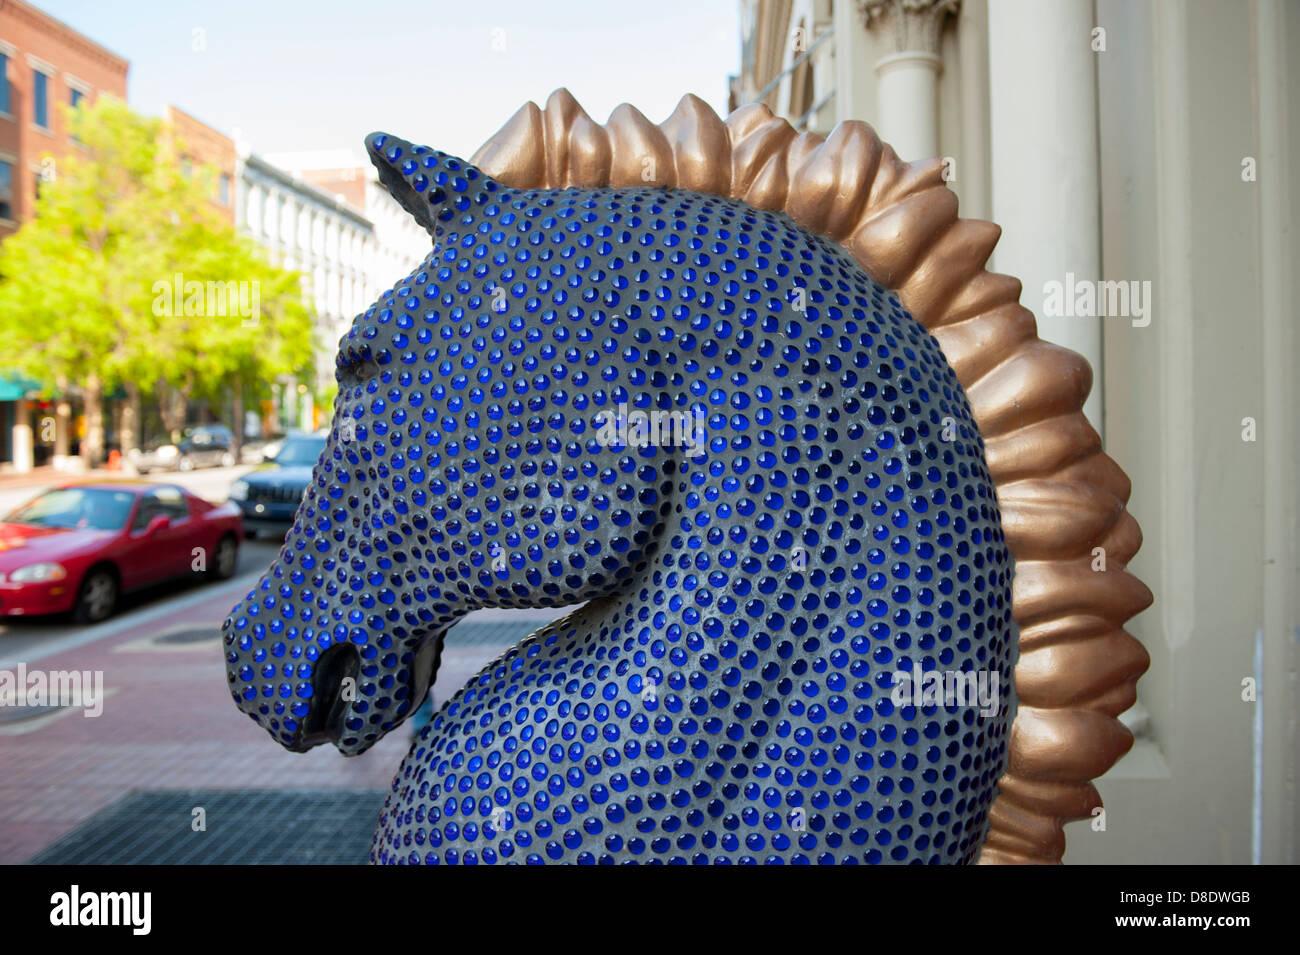 usa-kentucky-ky-louisville-public-art-of-a-horse-on-main-street-made-D8DWGB.jpg